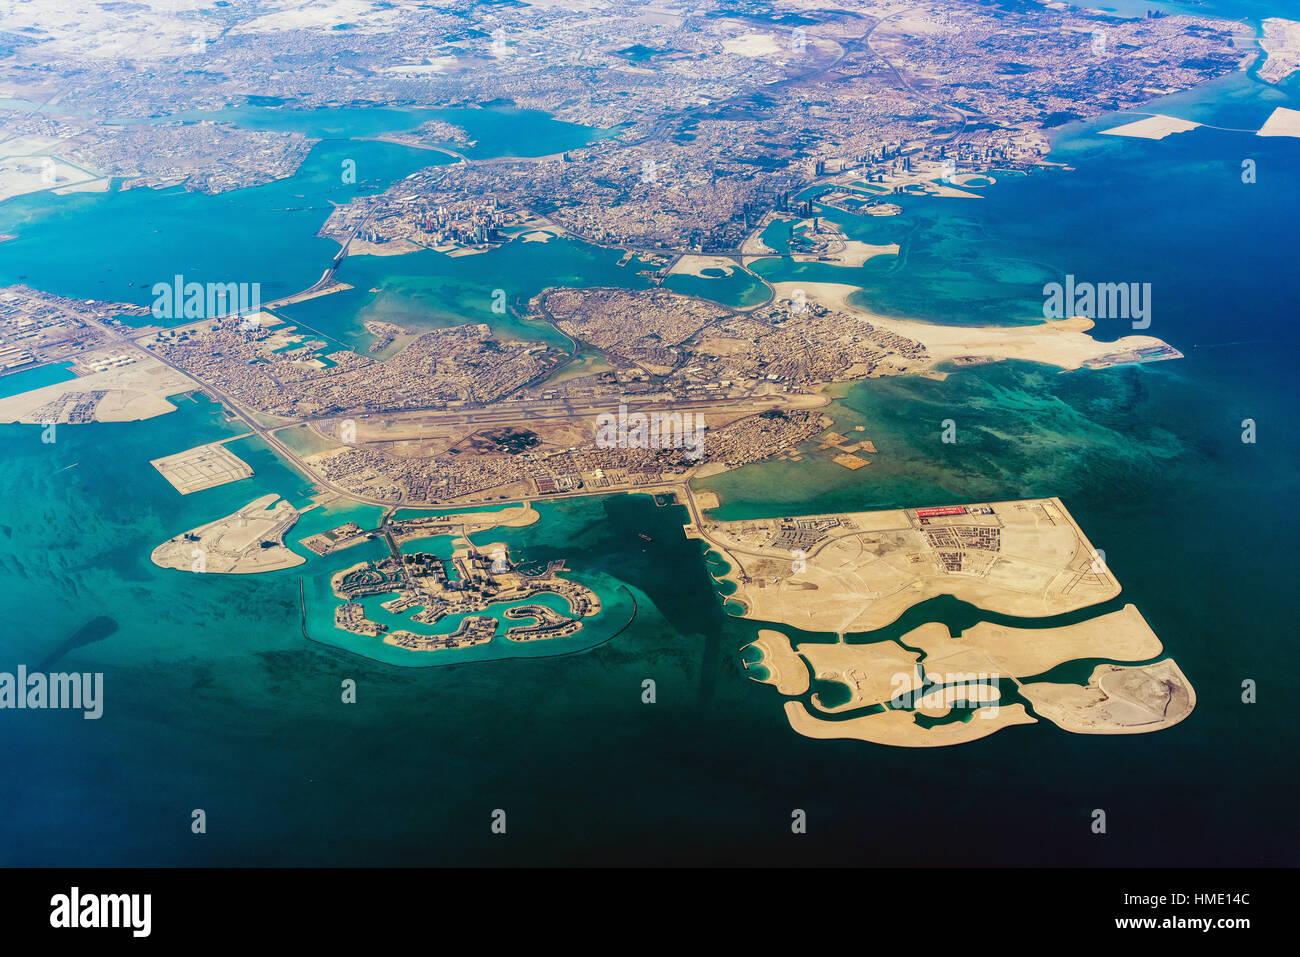 Vista aérea de Manama, Bahrein Imagen De Stock